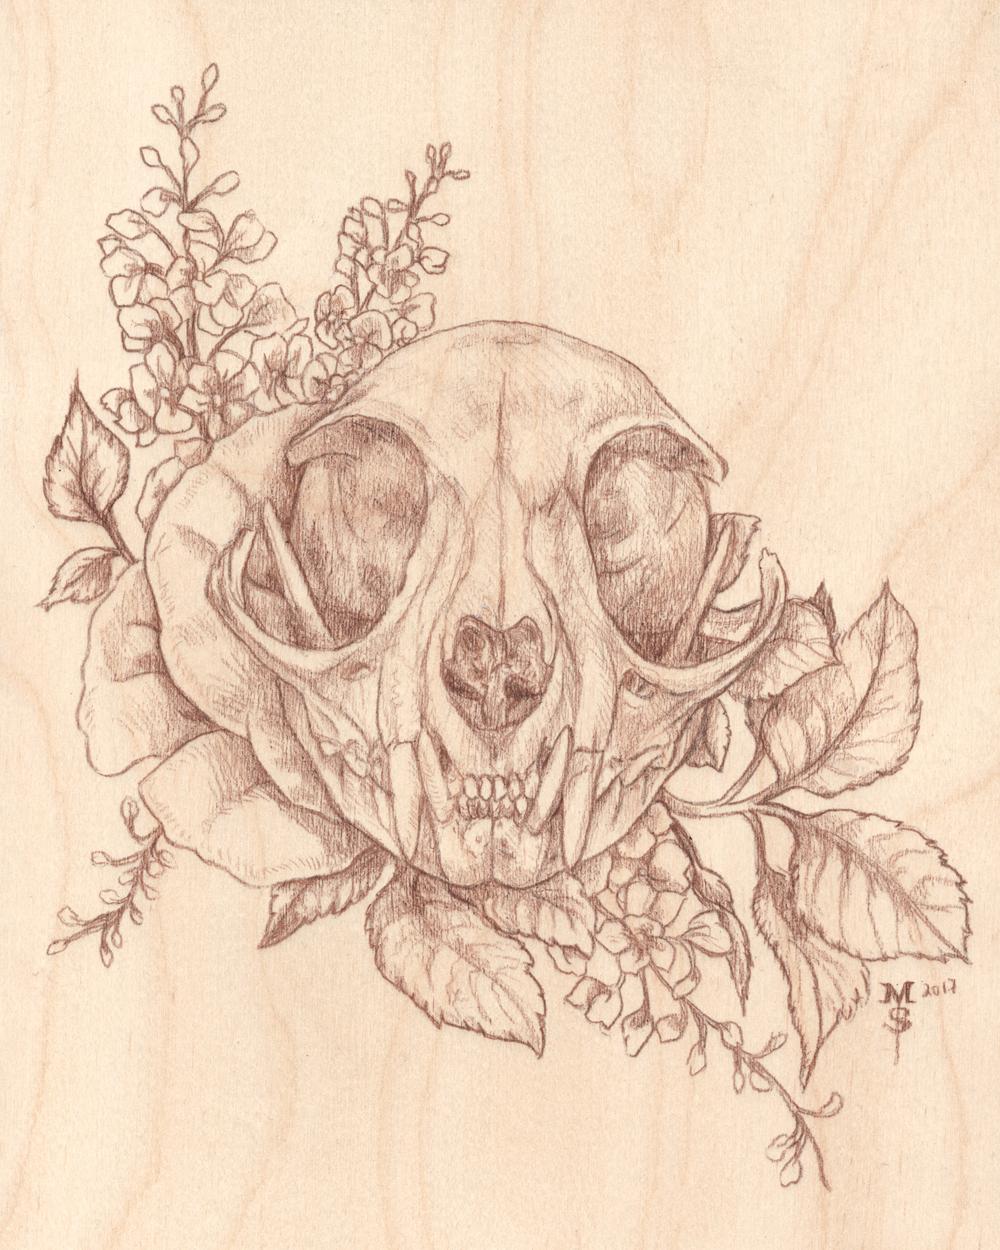 African Wildcat (sketch)